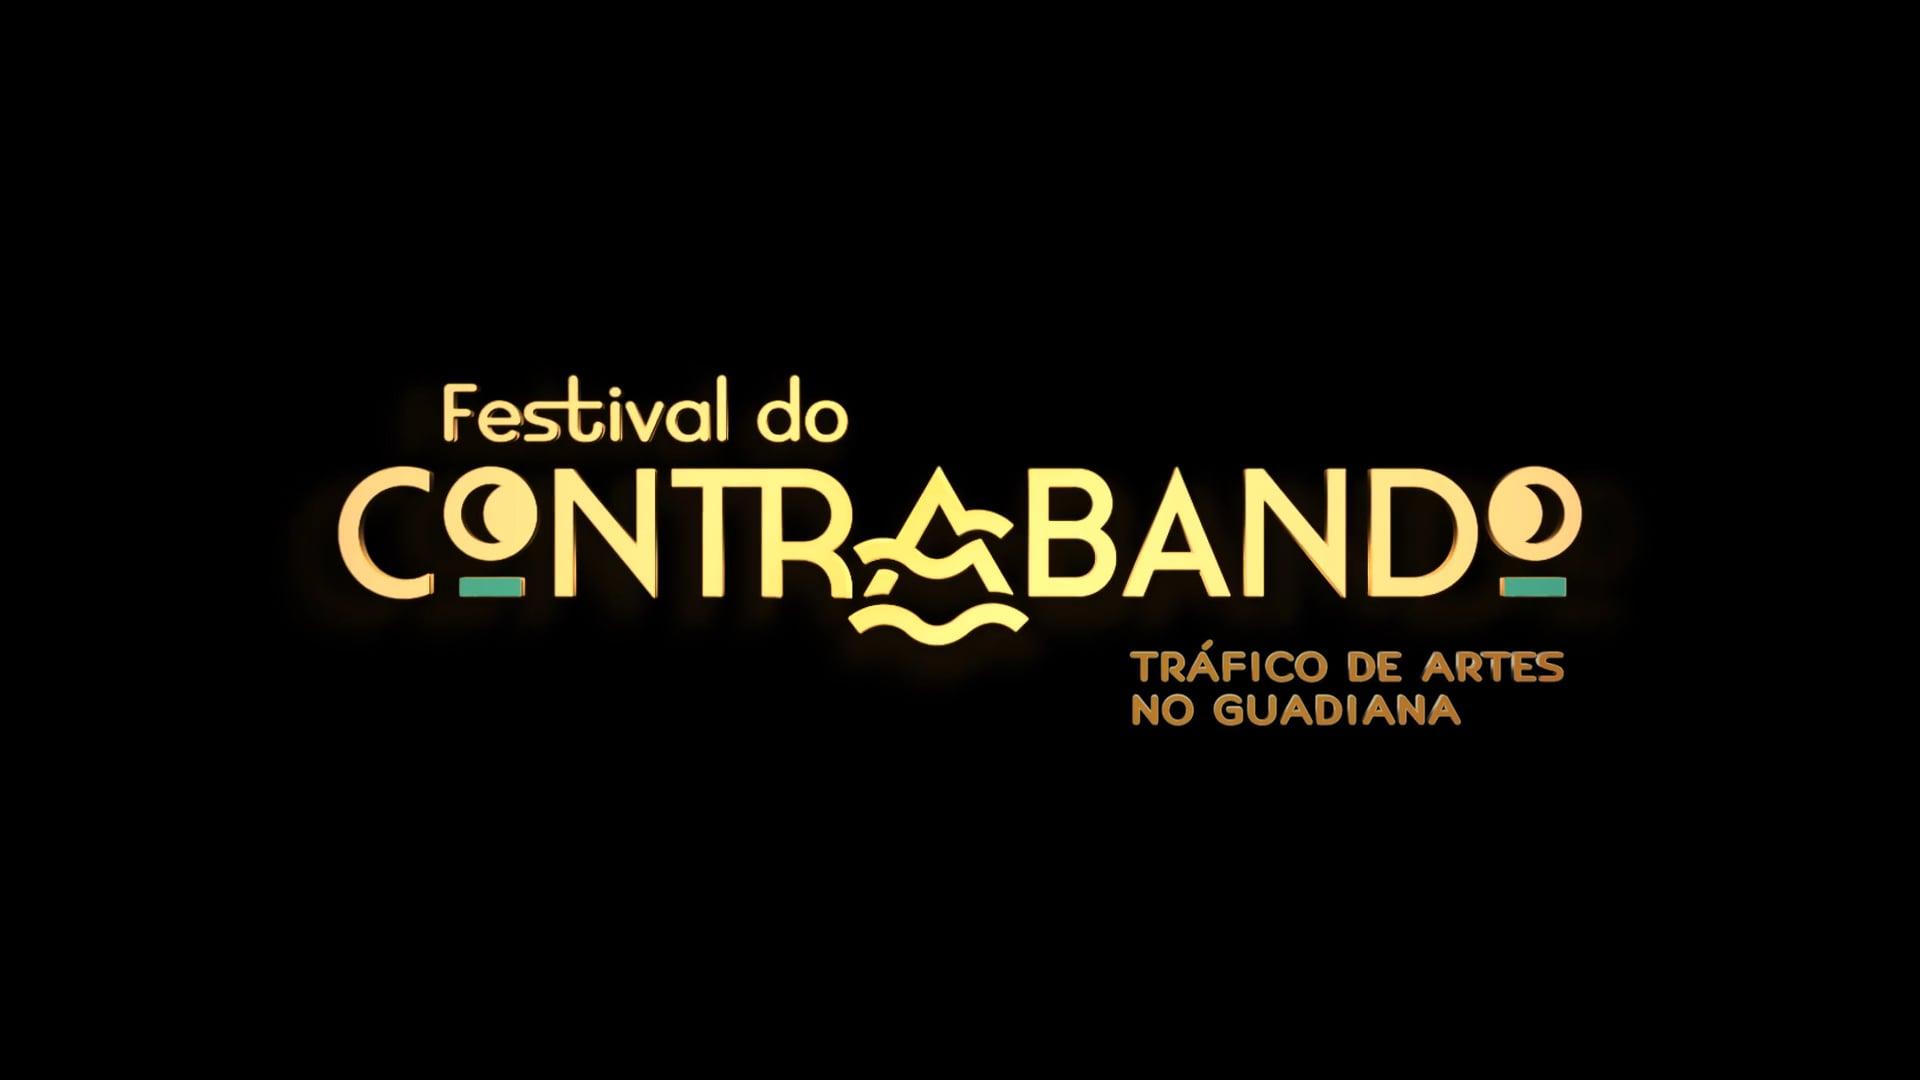 Festival do Contrabando - English Version